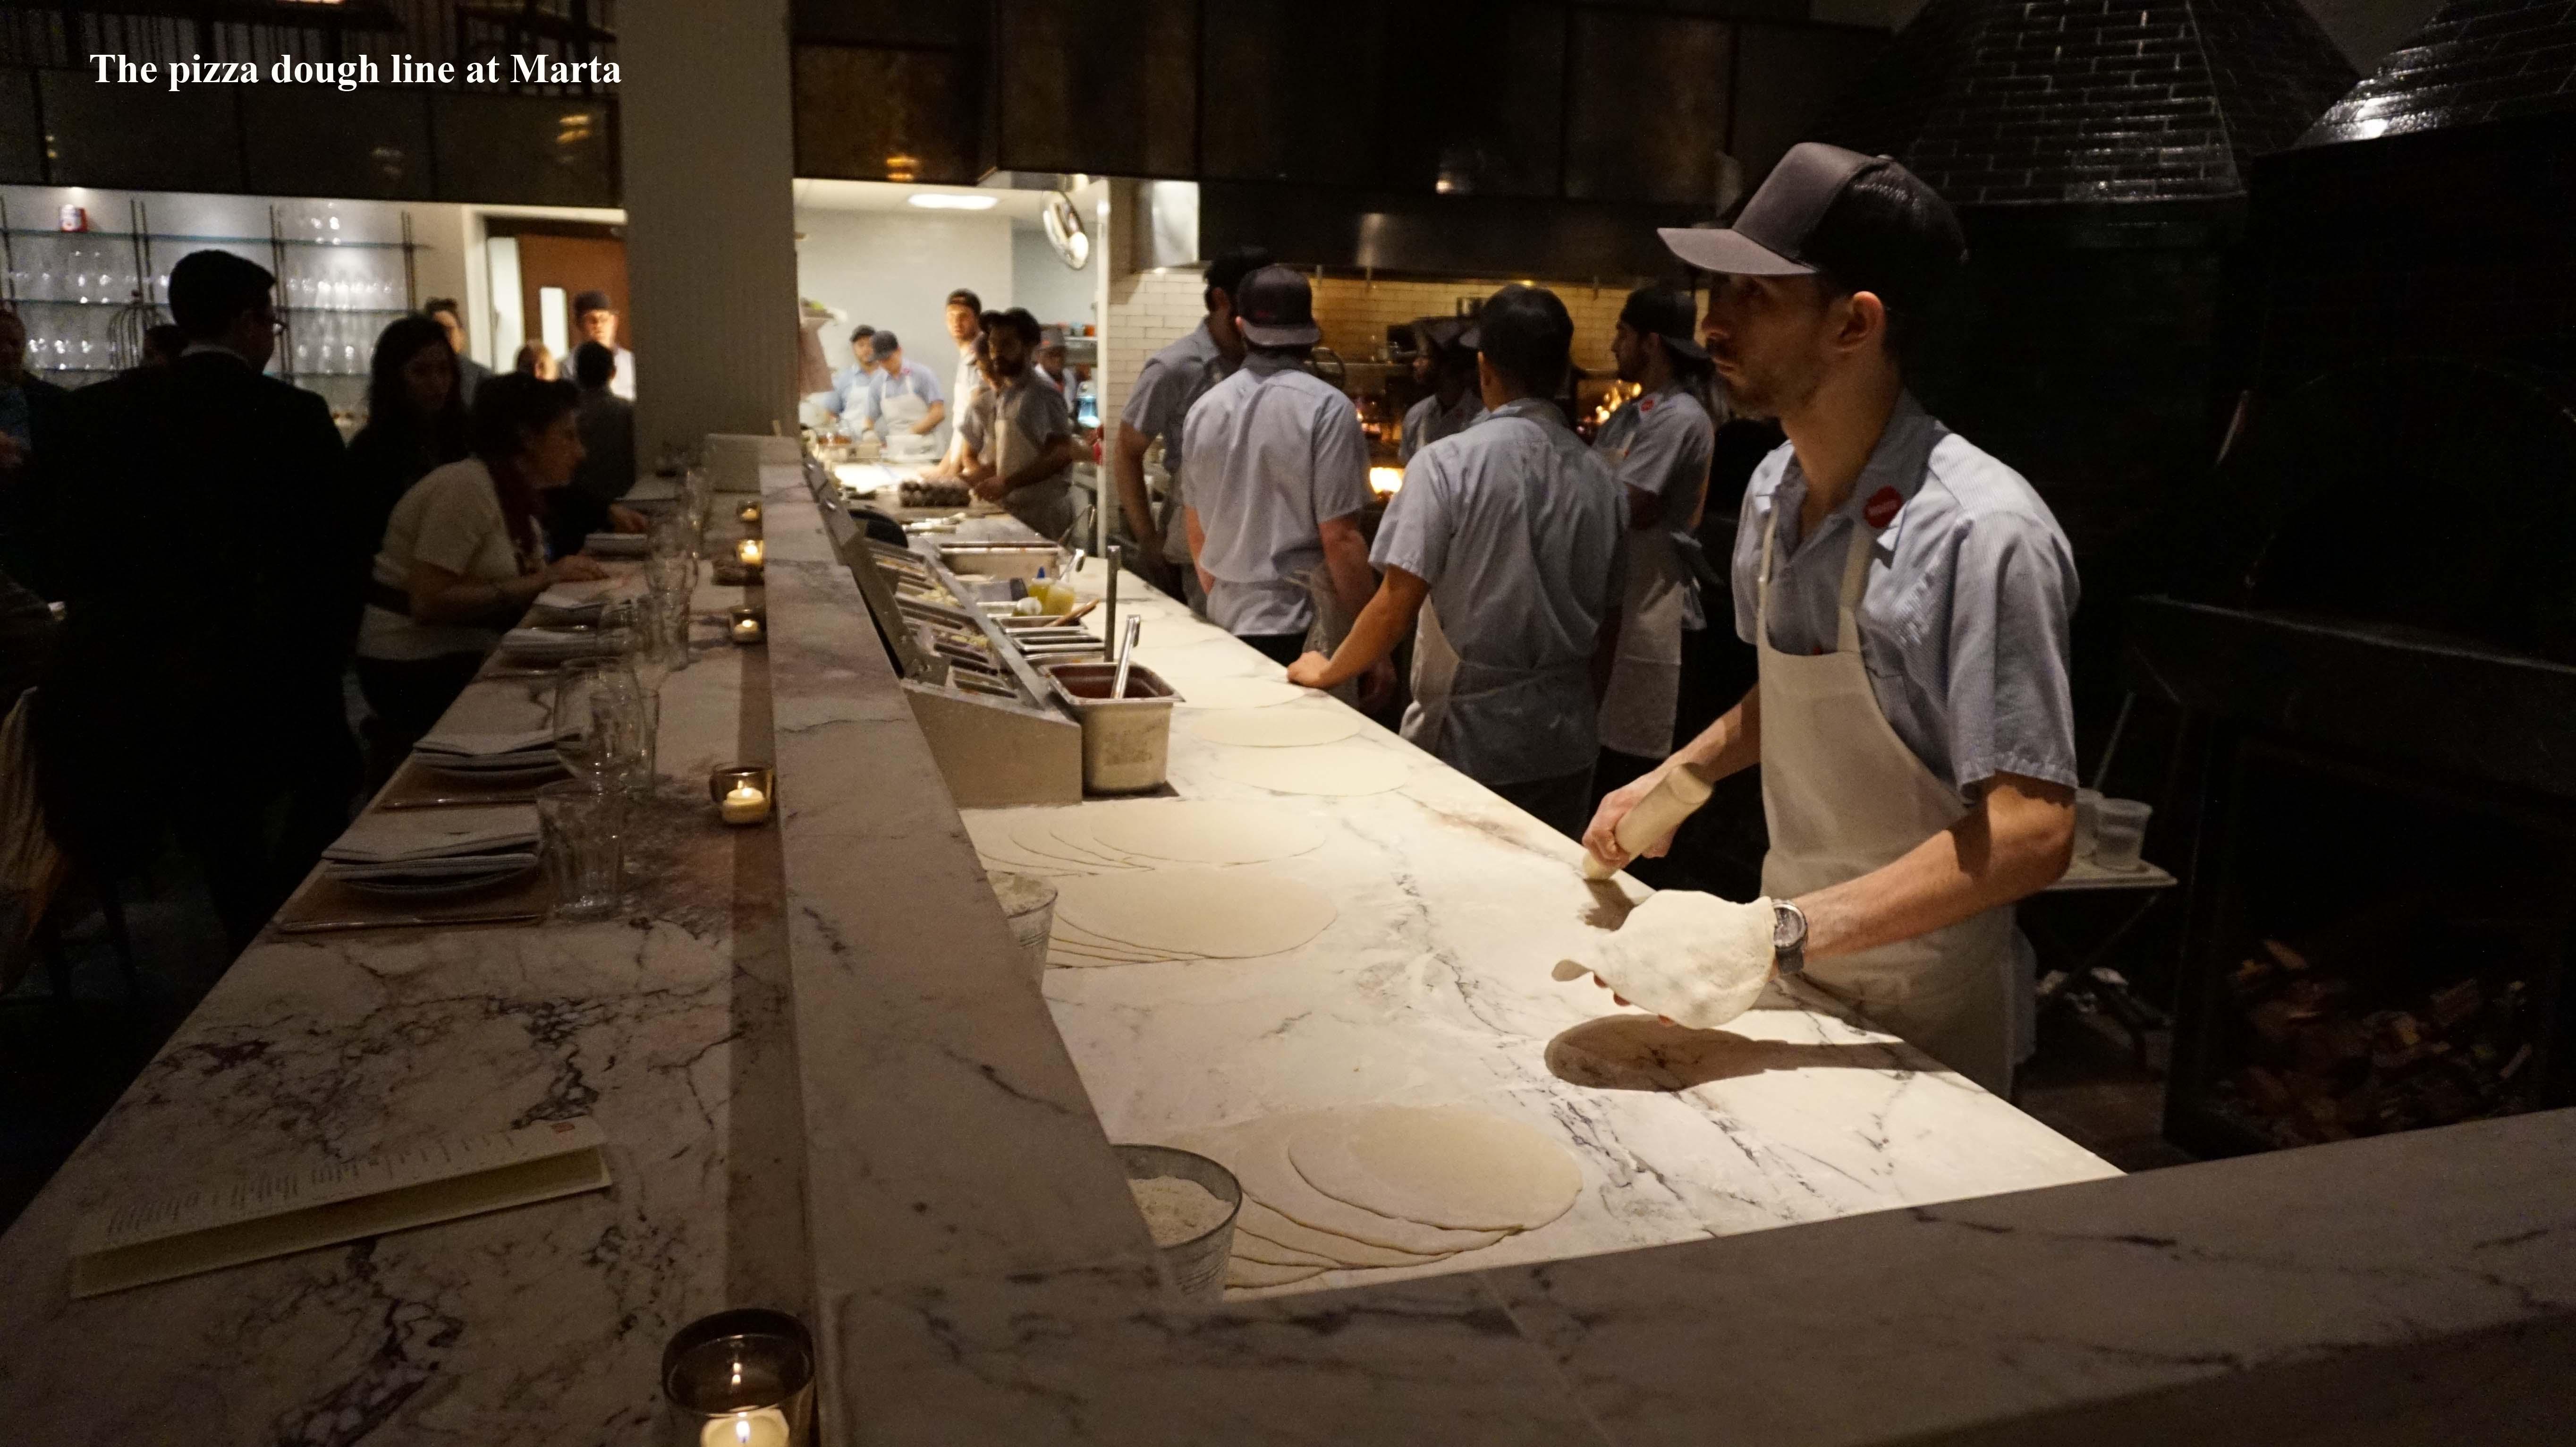 Marta pizza dough line